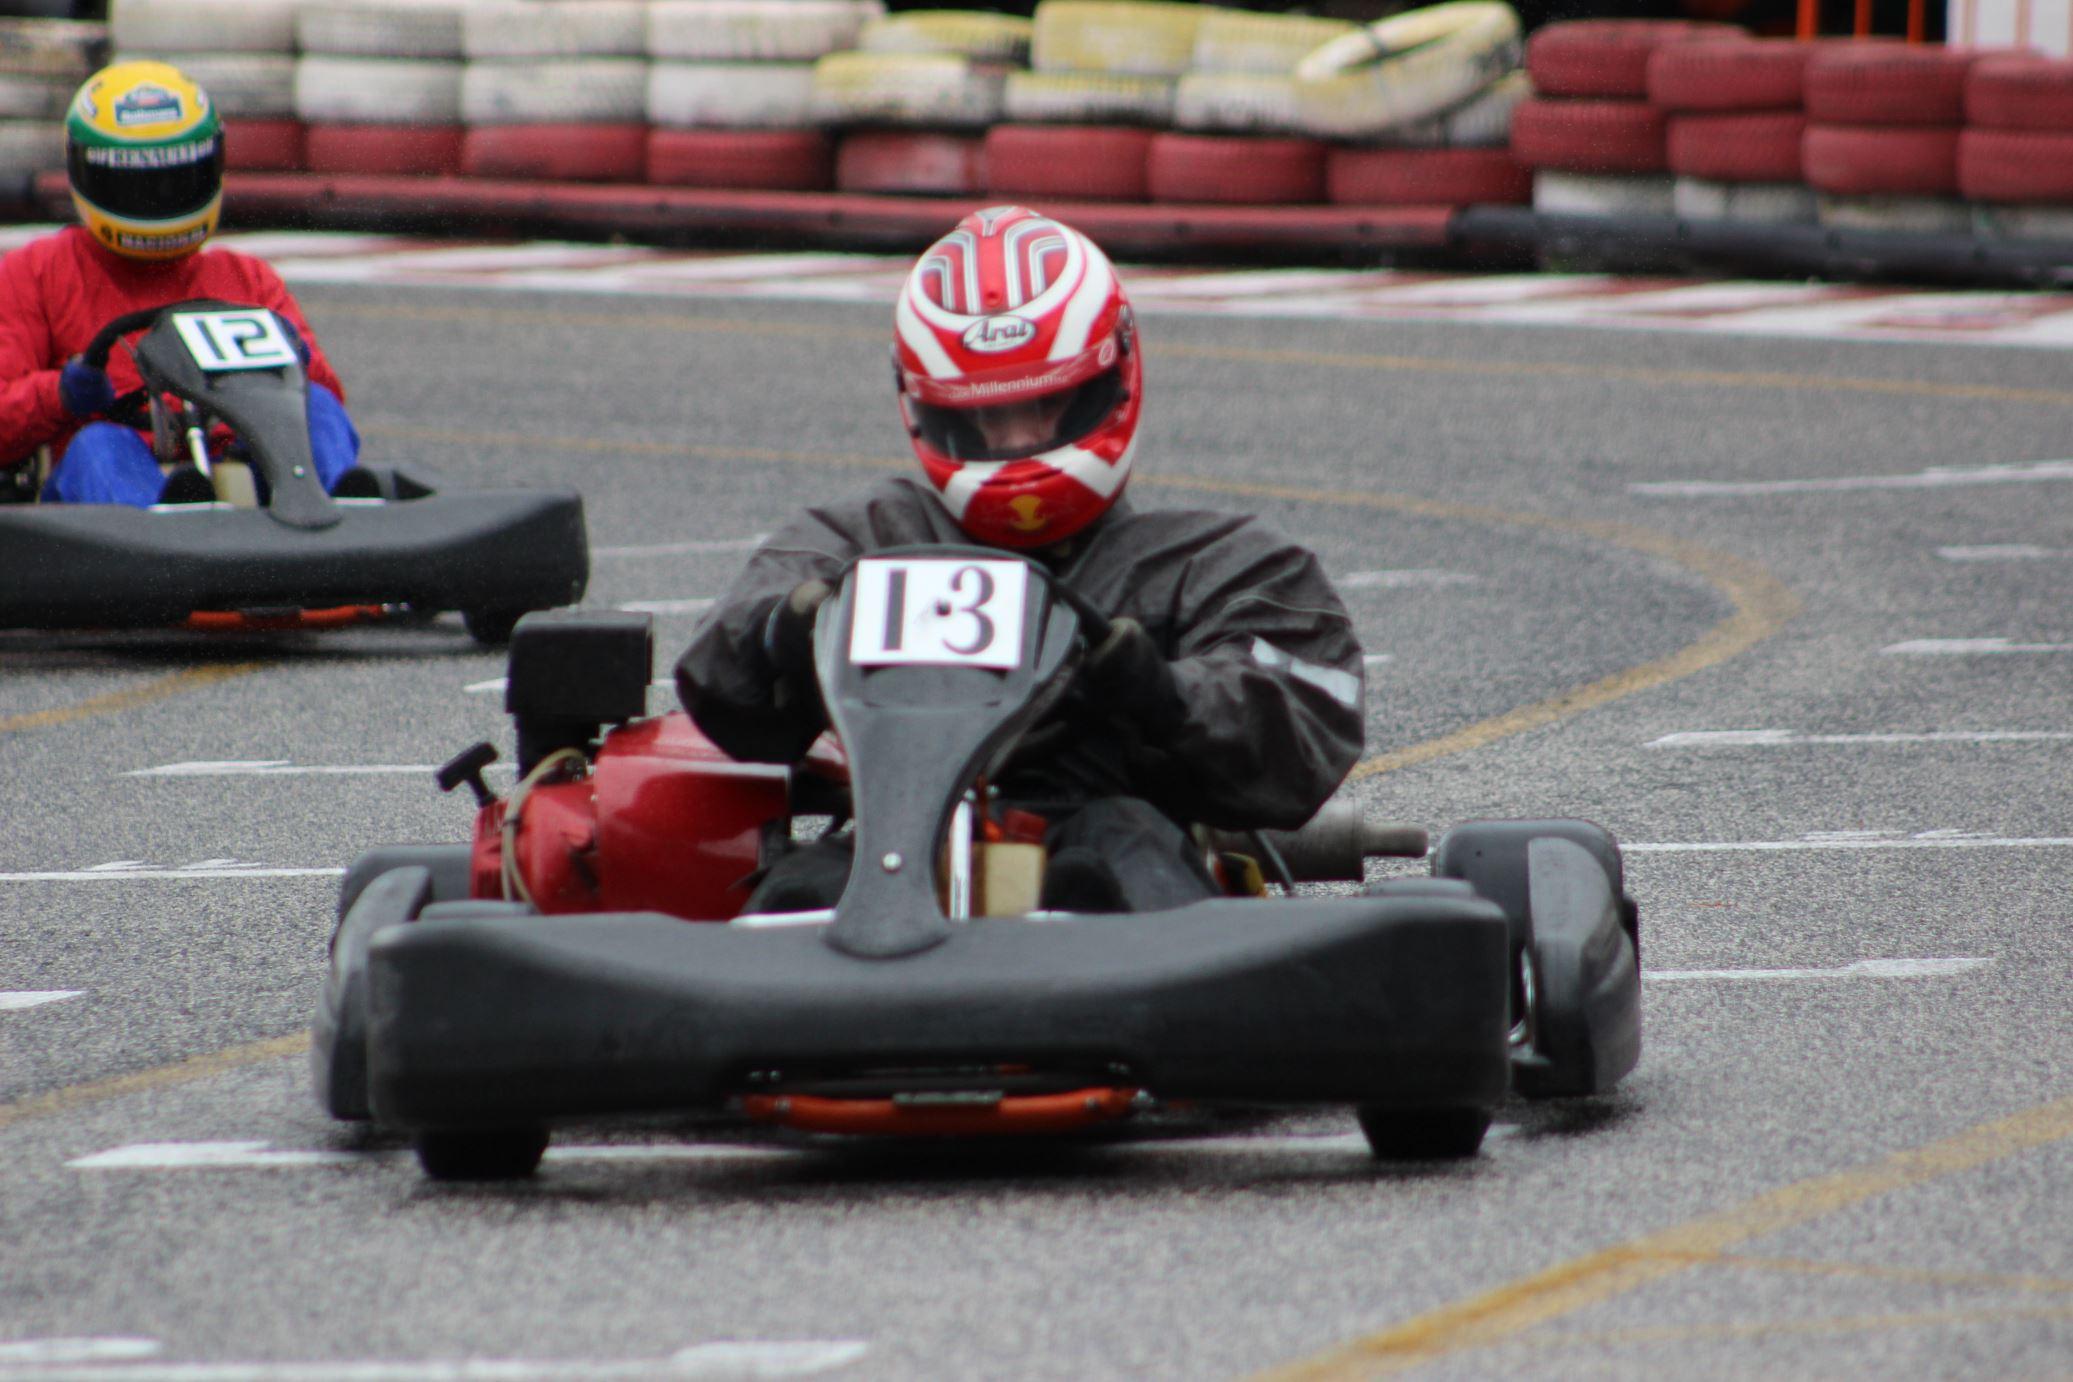 Troféu Honda 2014 - 2ª Prova67